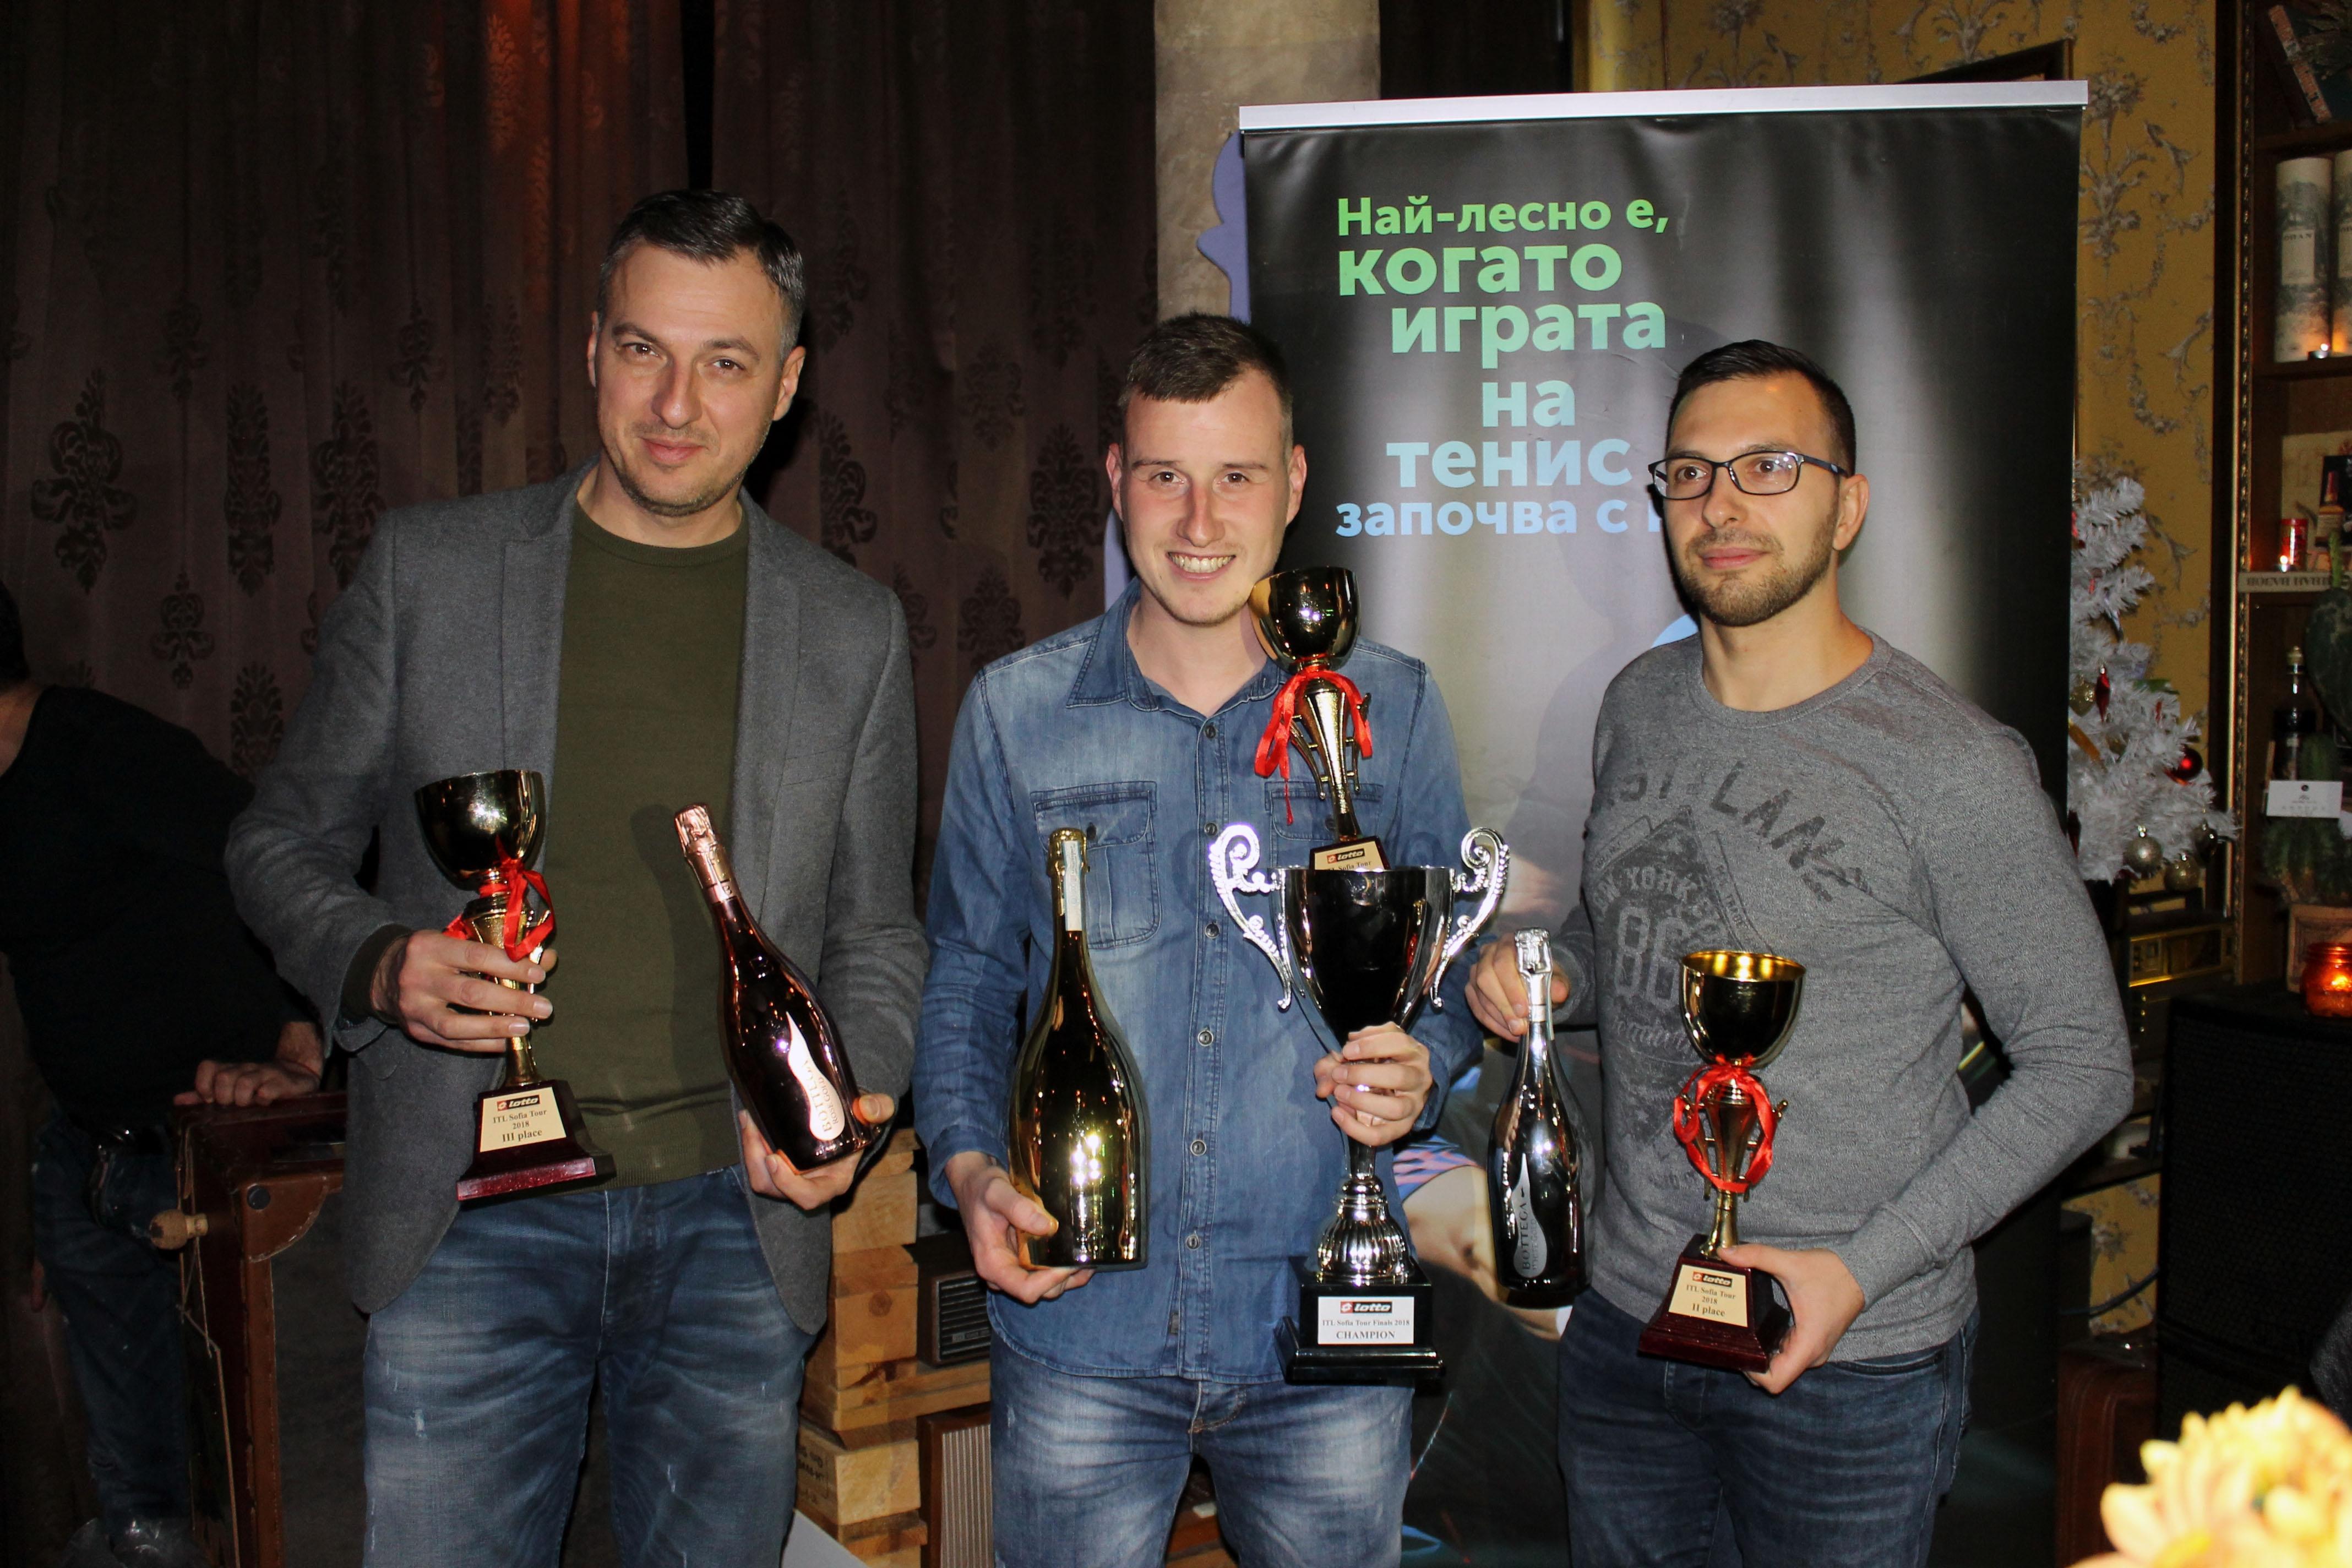 Големият шампион на Интерактив тенис за изминалия сезон година е